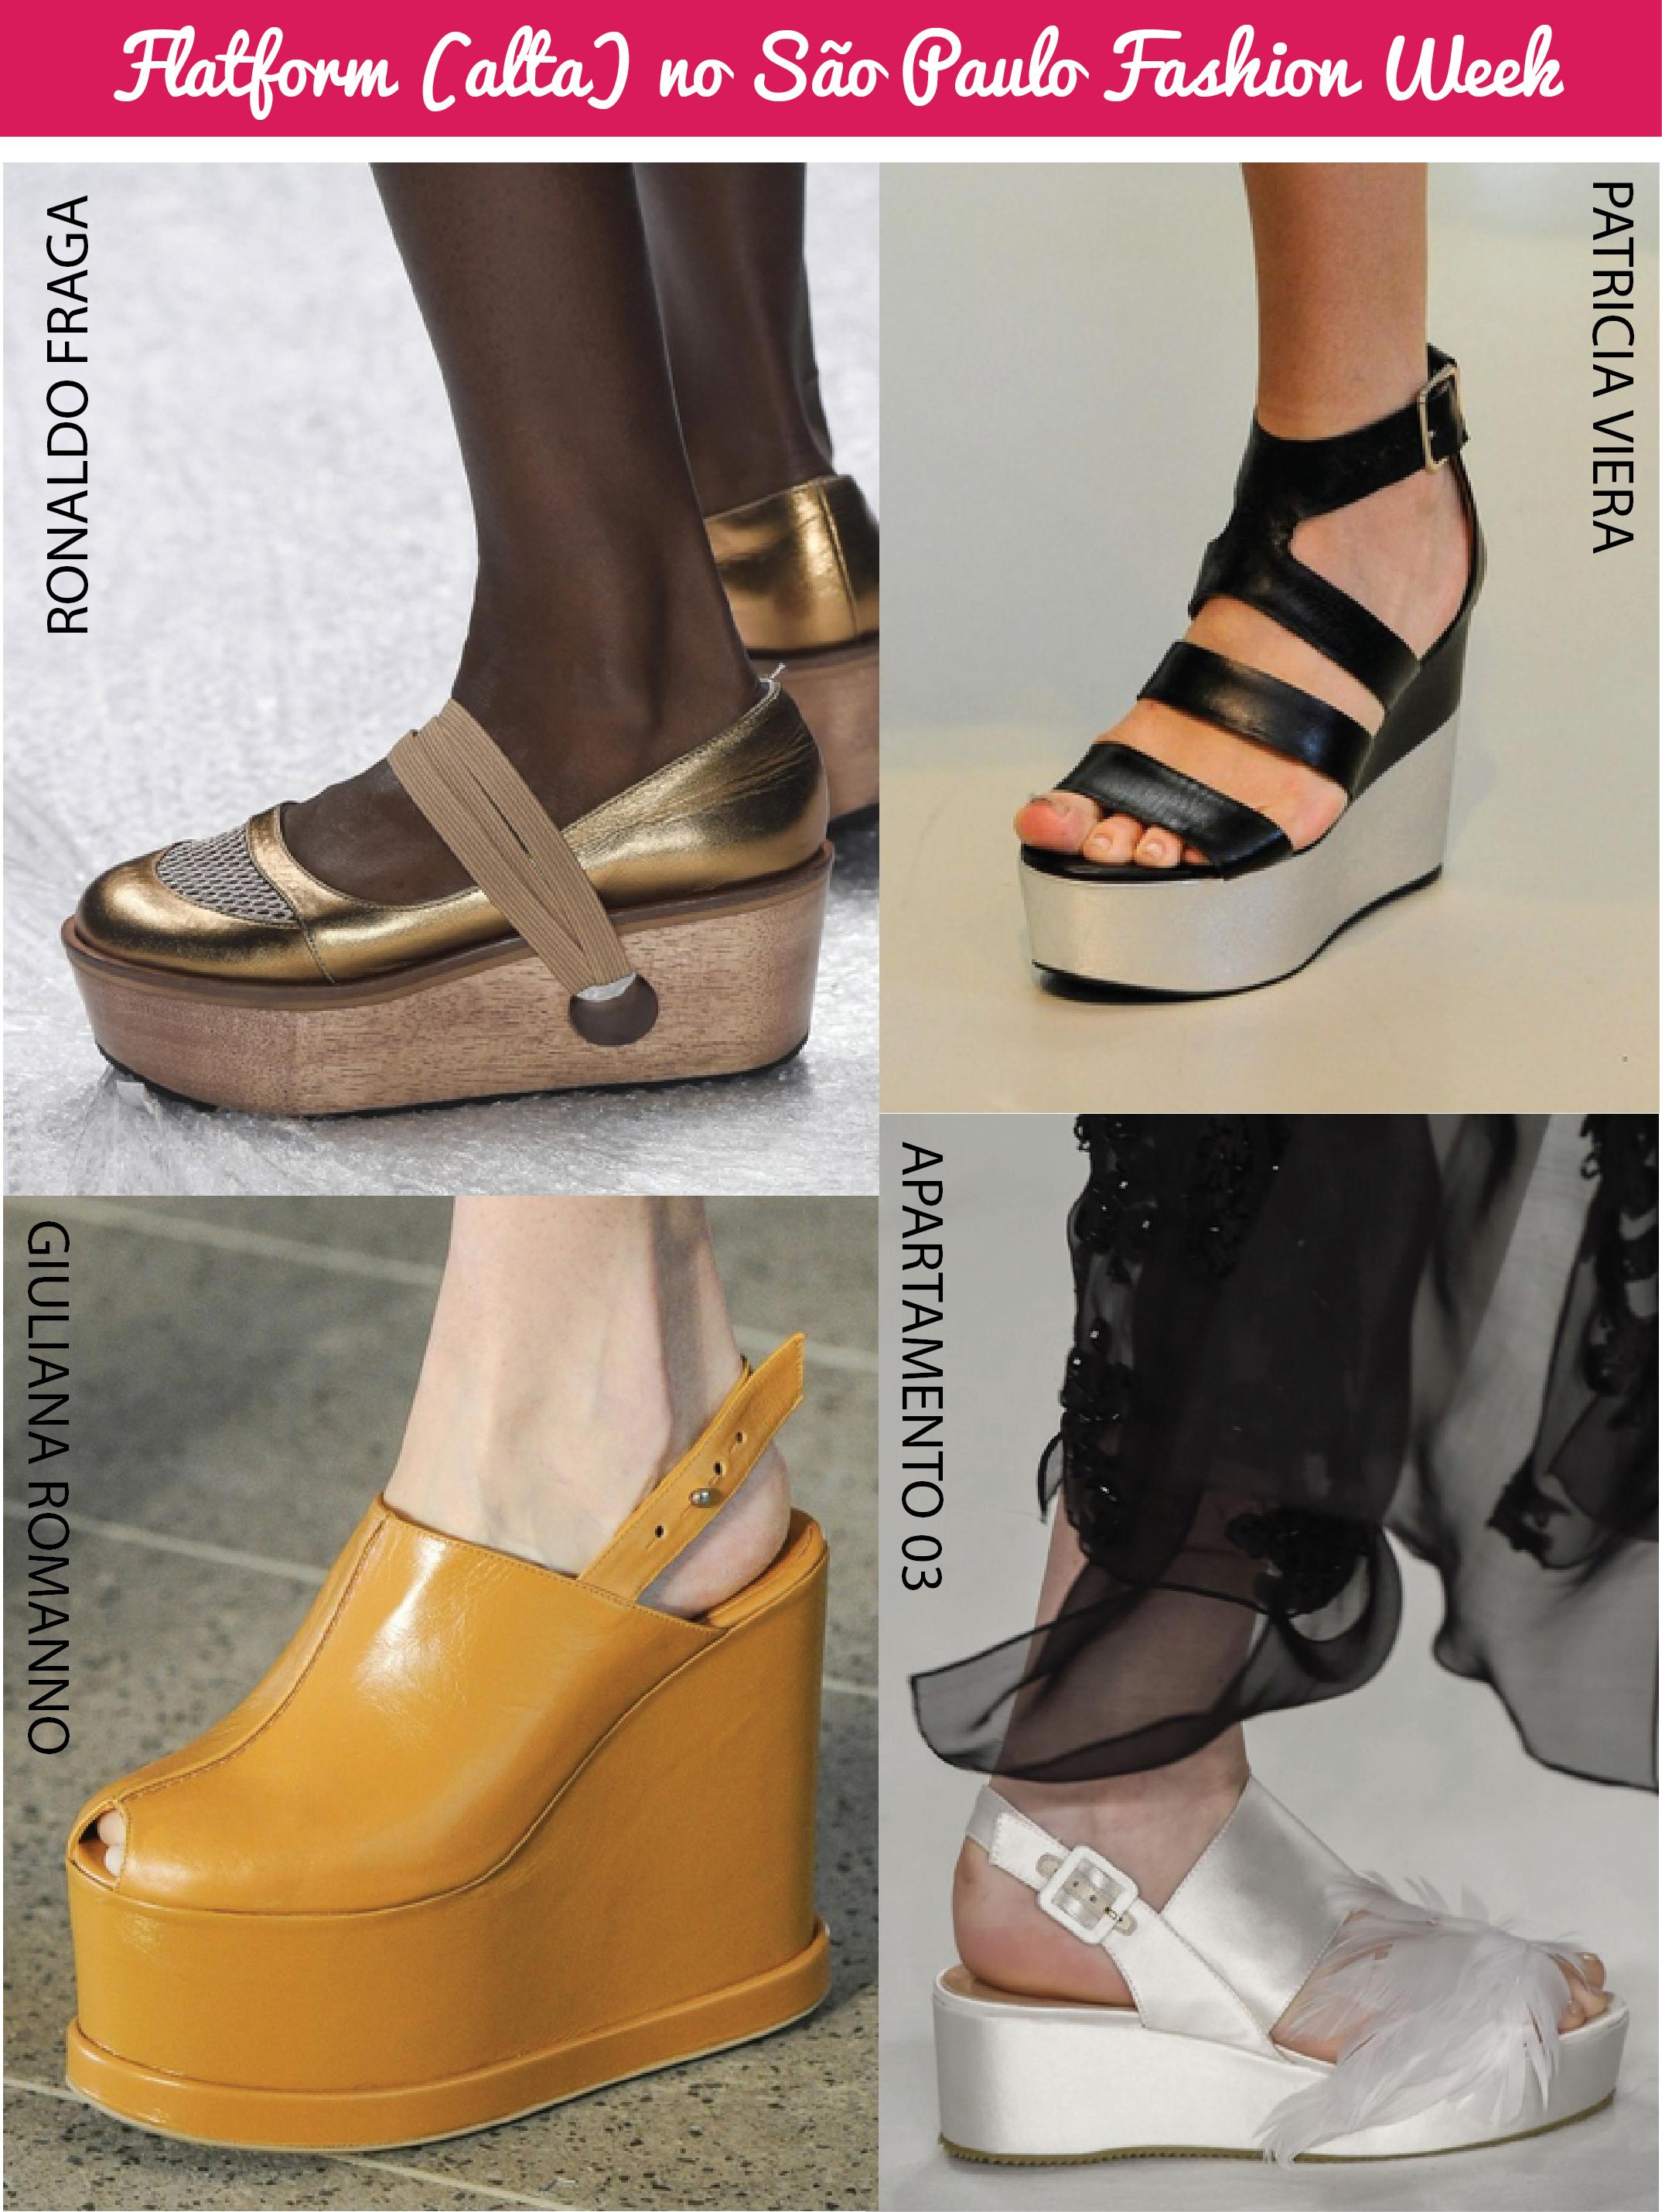 a91c0a970f 2-tendencia-spfw-verao-2016-flatform-plataforma-sapato-